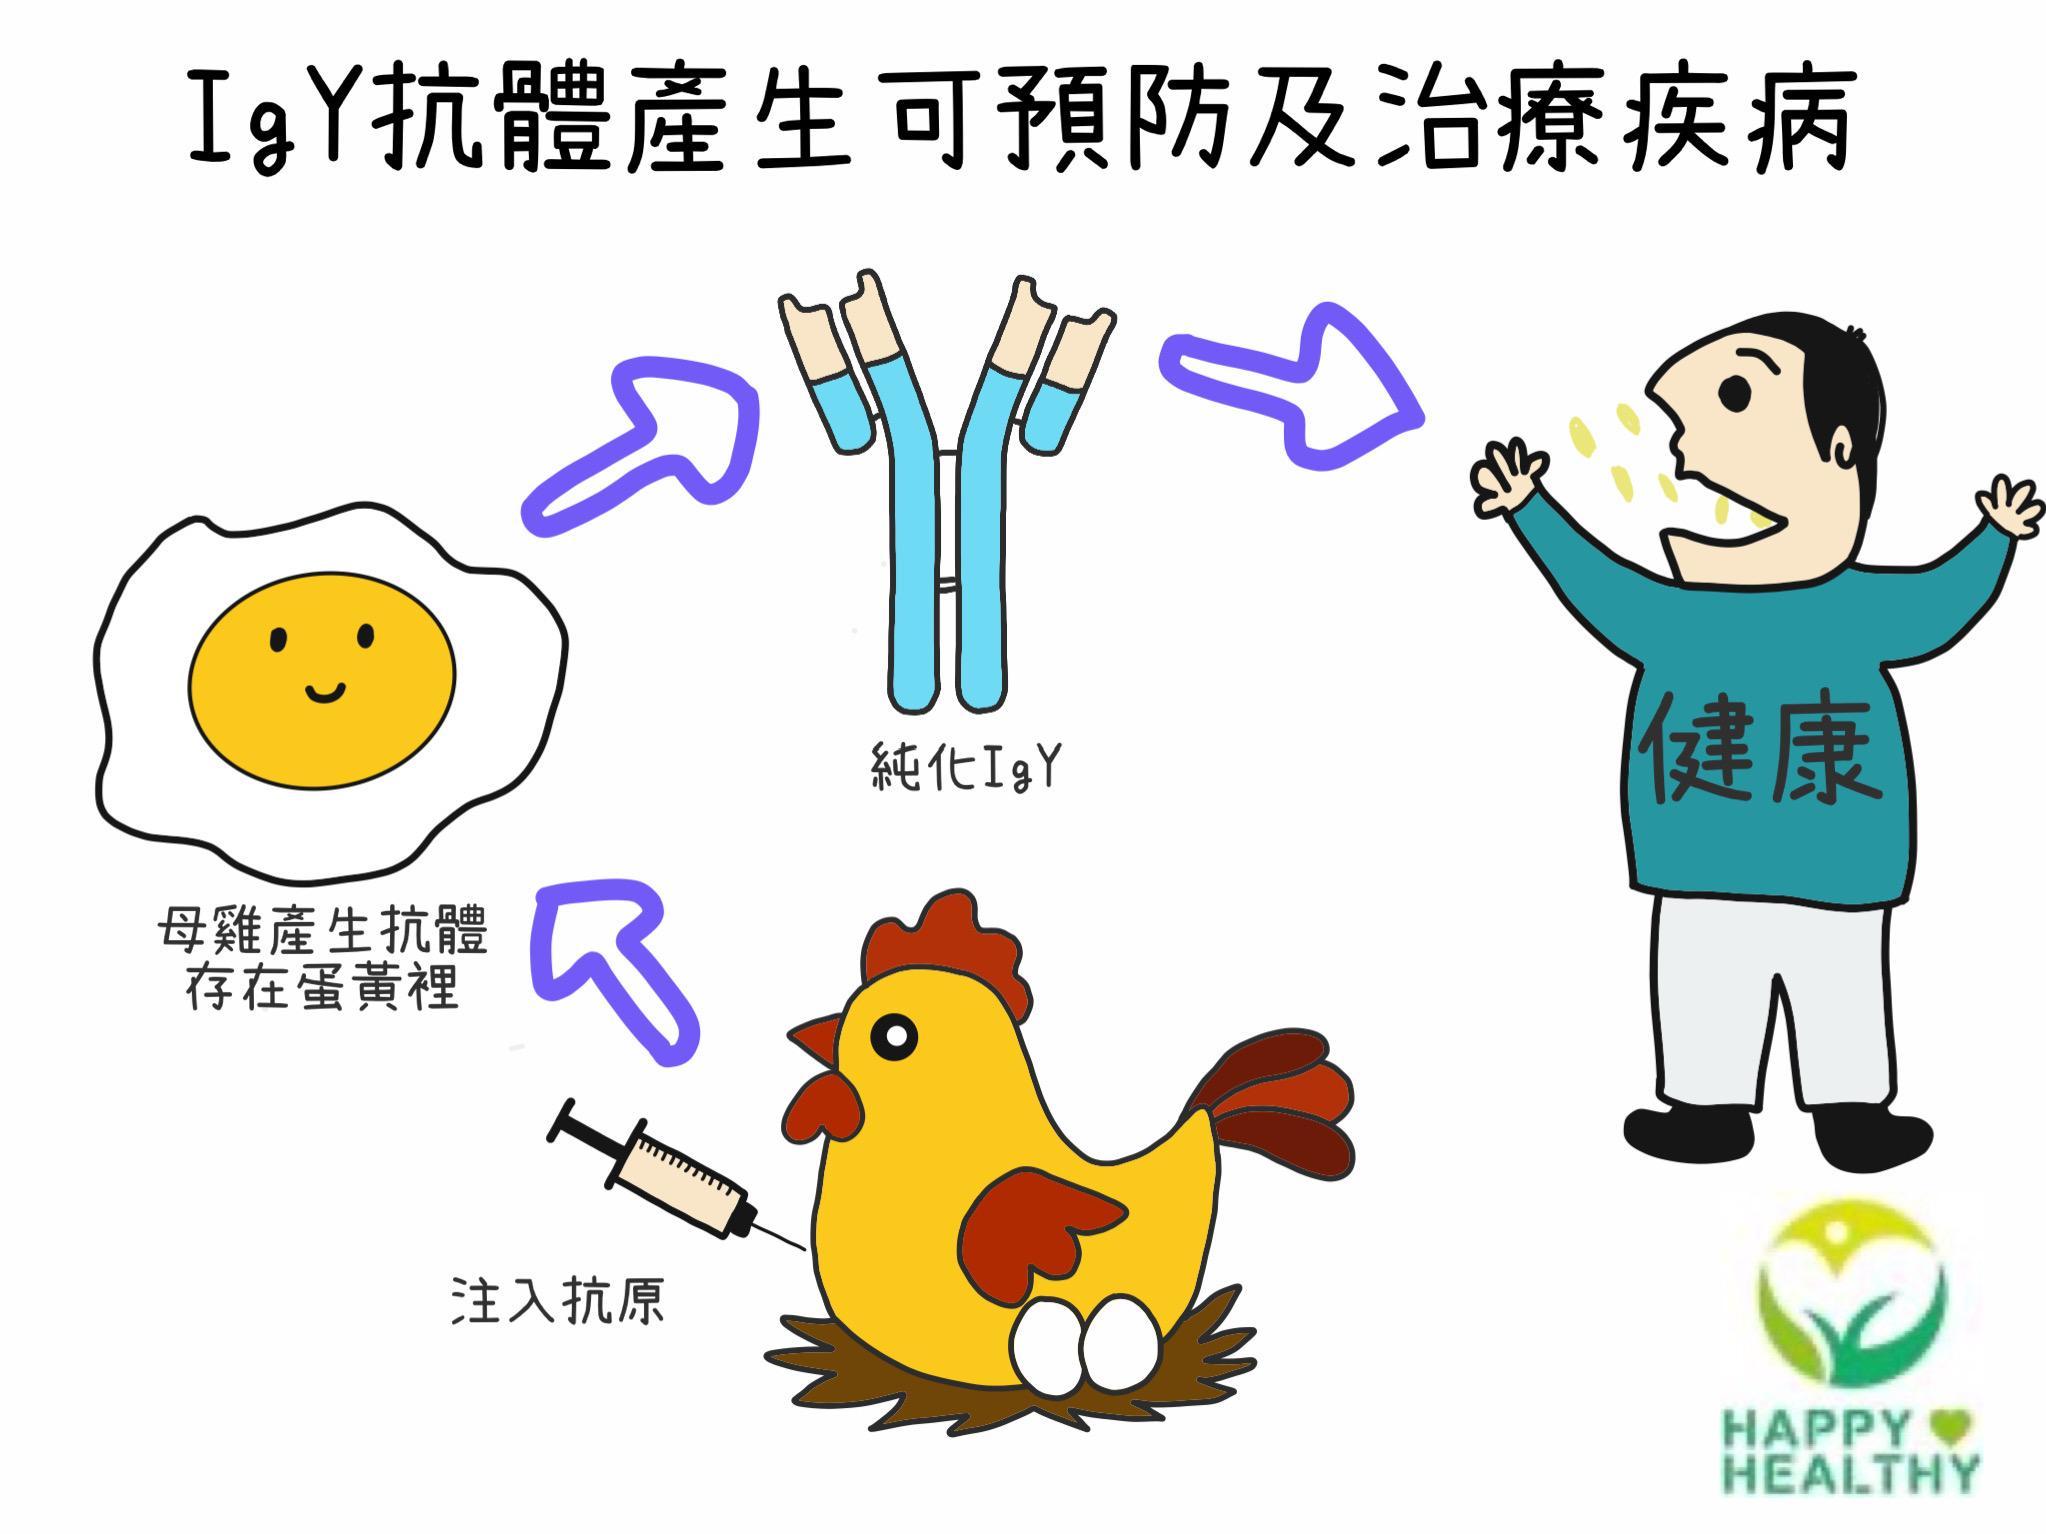 免疫球蛋黃體在預防及治療疾病的應用發展